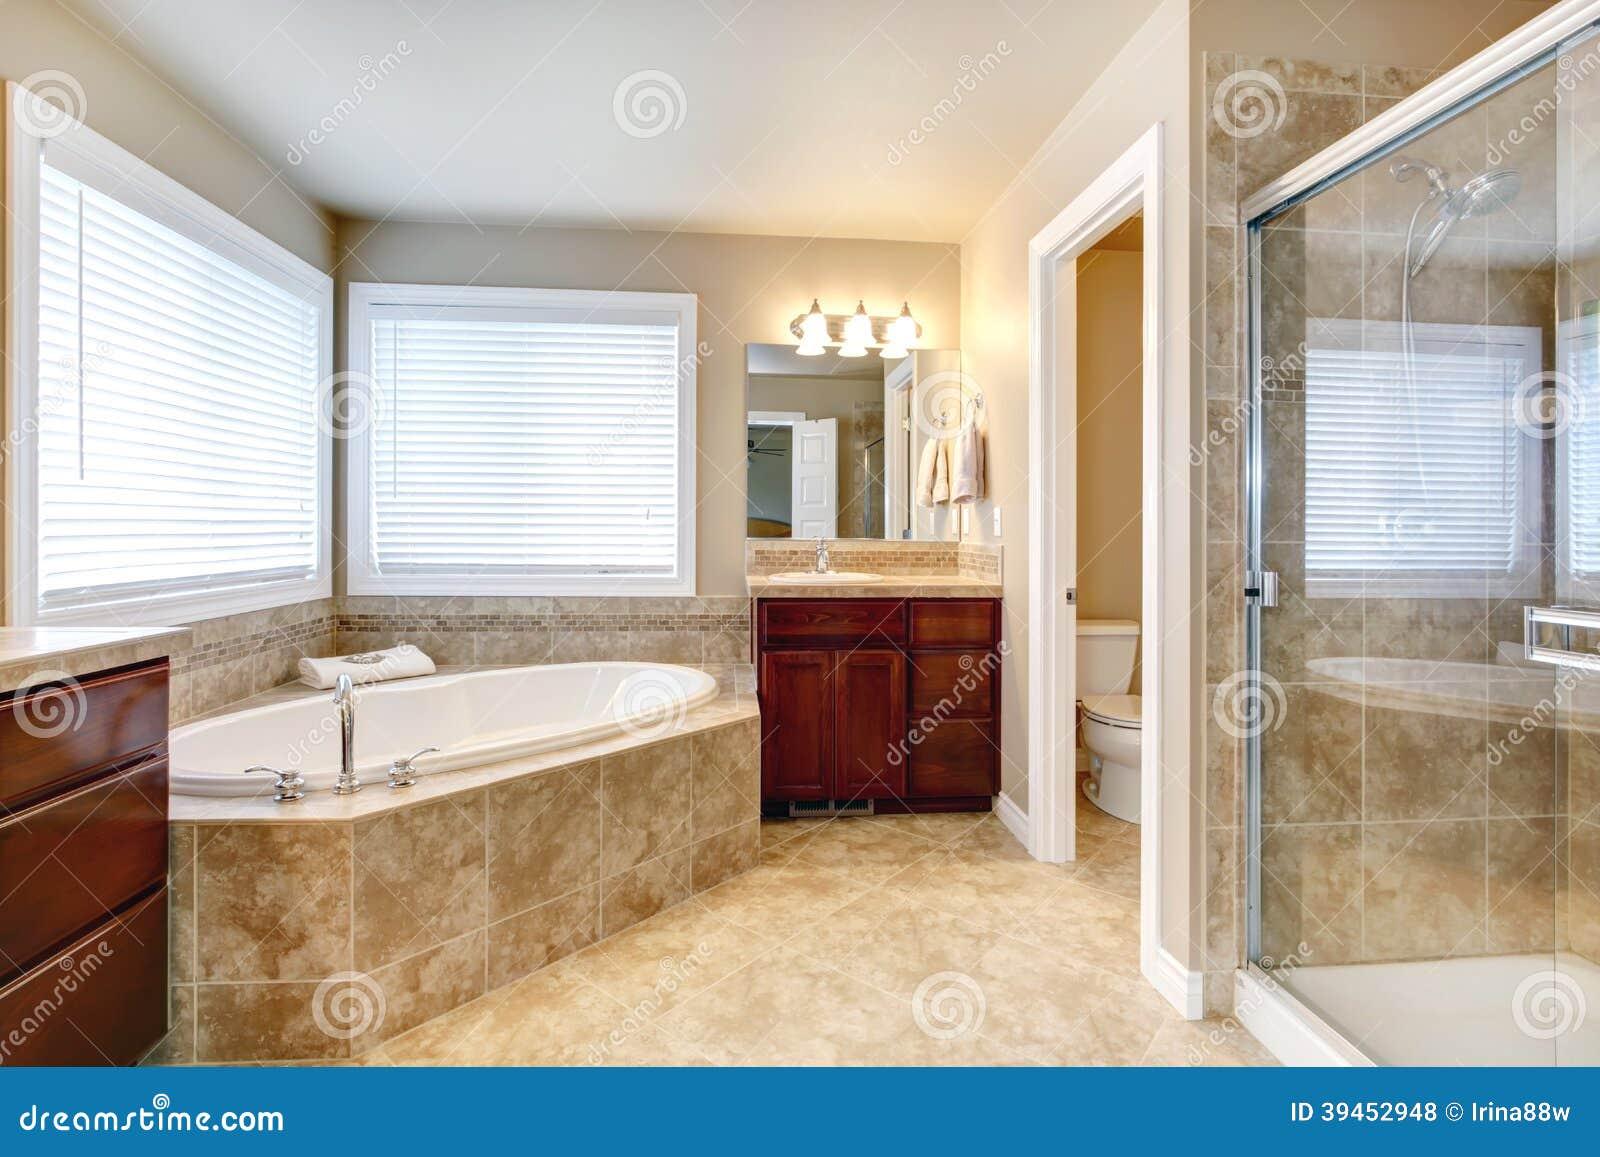 beautiful cuartos de bao con tinacuarto de bao beige con las ventanas los gabinetes de madera de la cuartos de bao con tina with cuarto bao diseo - Cuartos De Bao Modernos